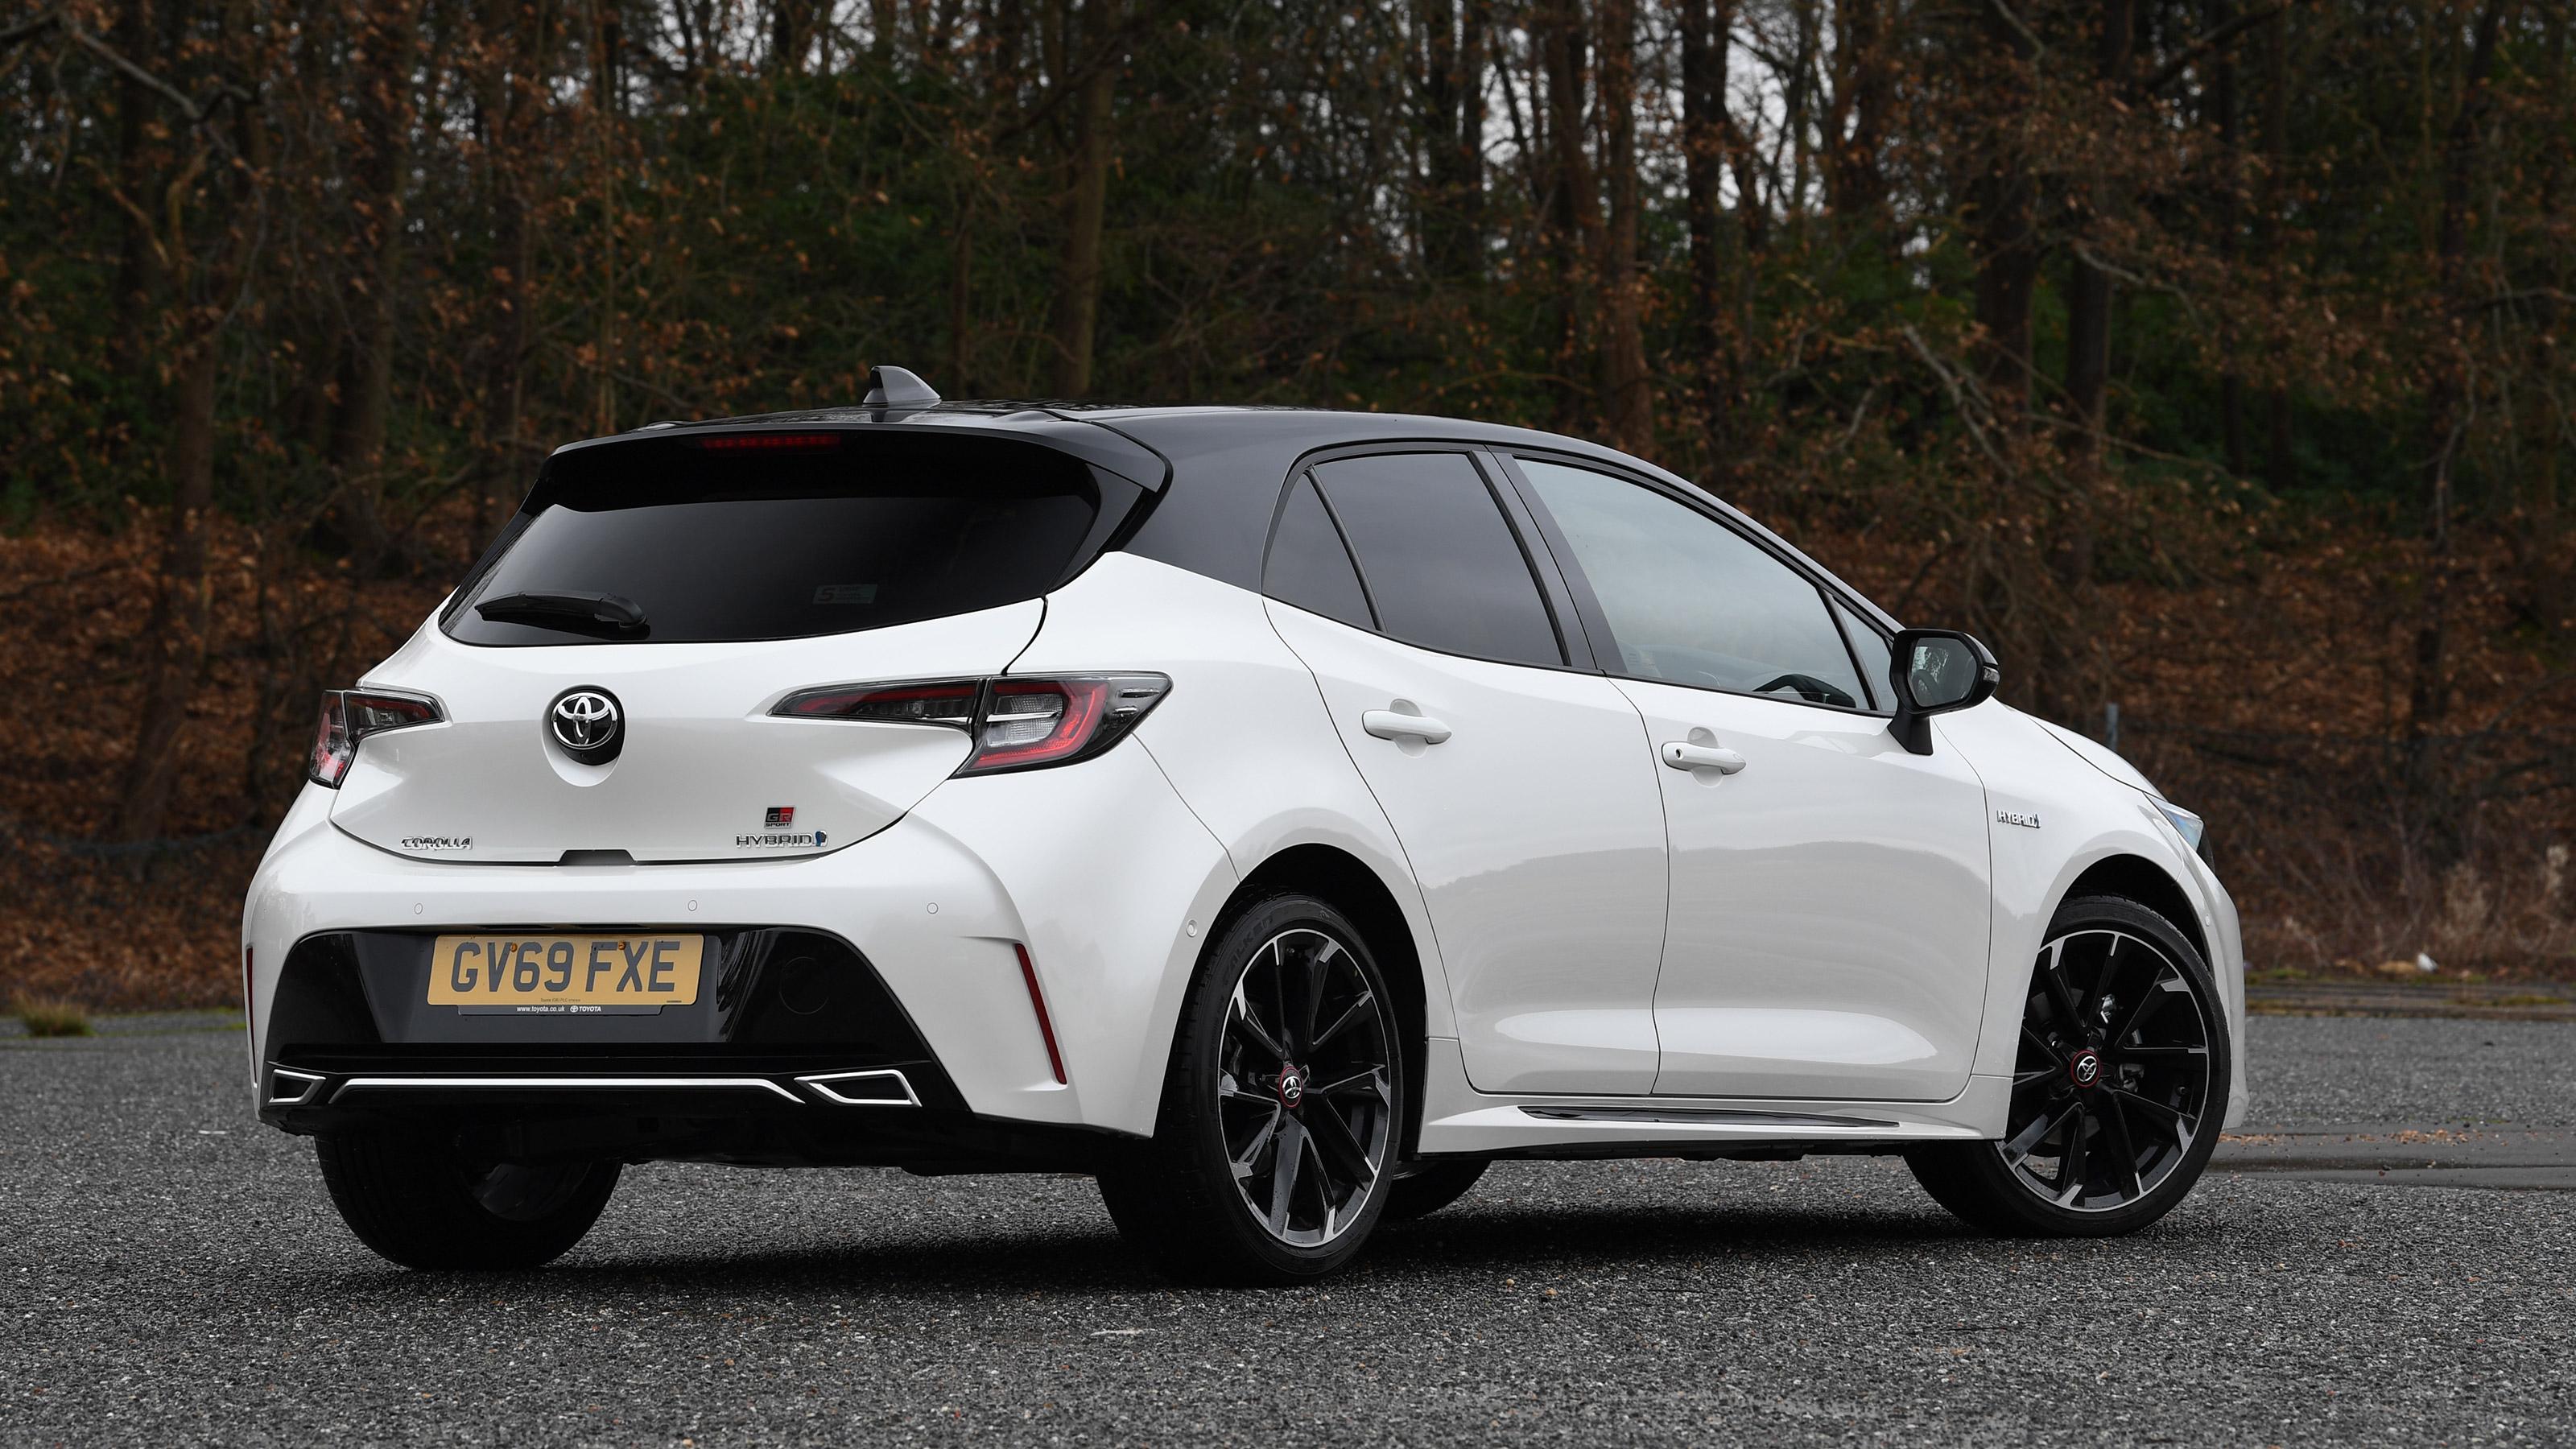 Kelebihan Kekurangan Corolla Gr Sport Top Model Tahun Ini